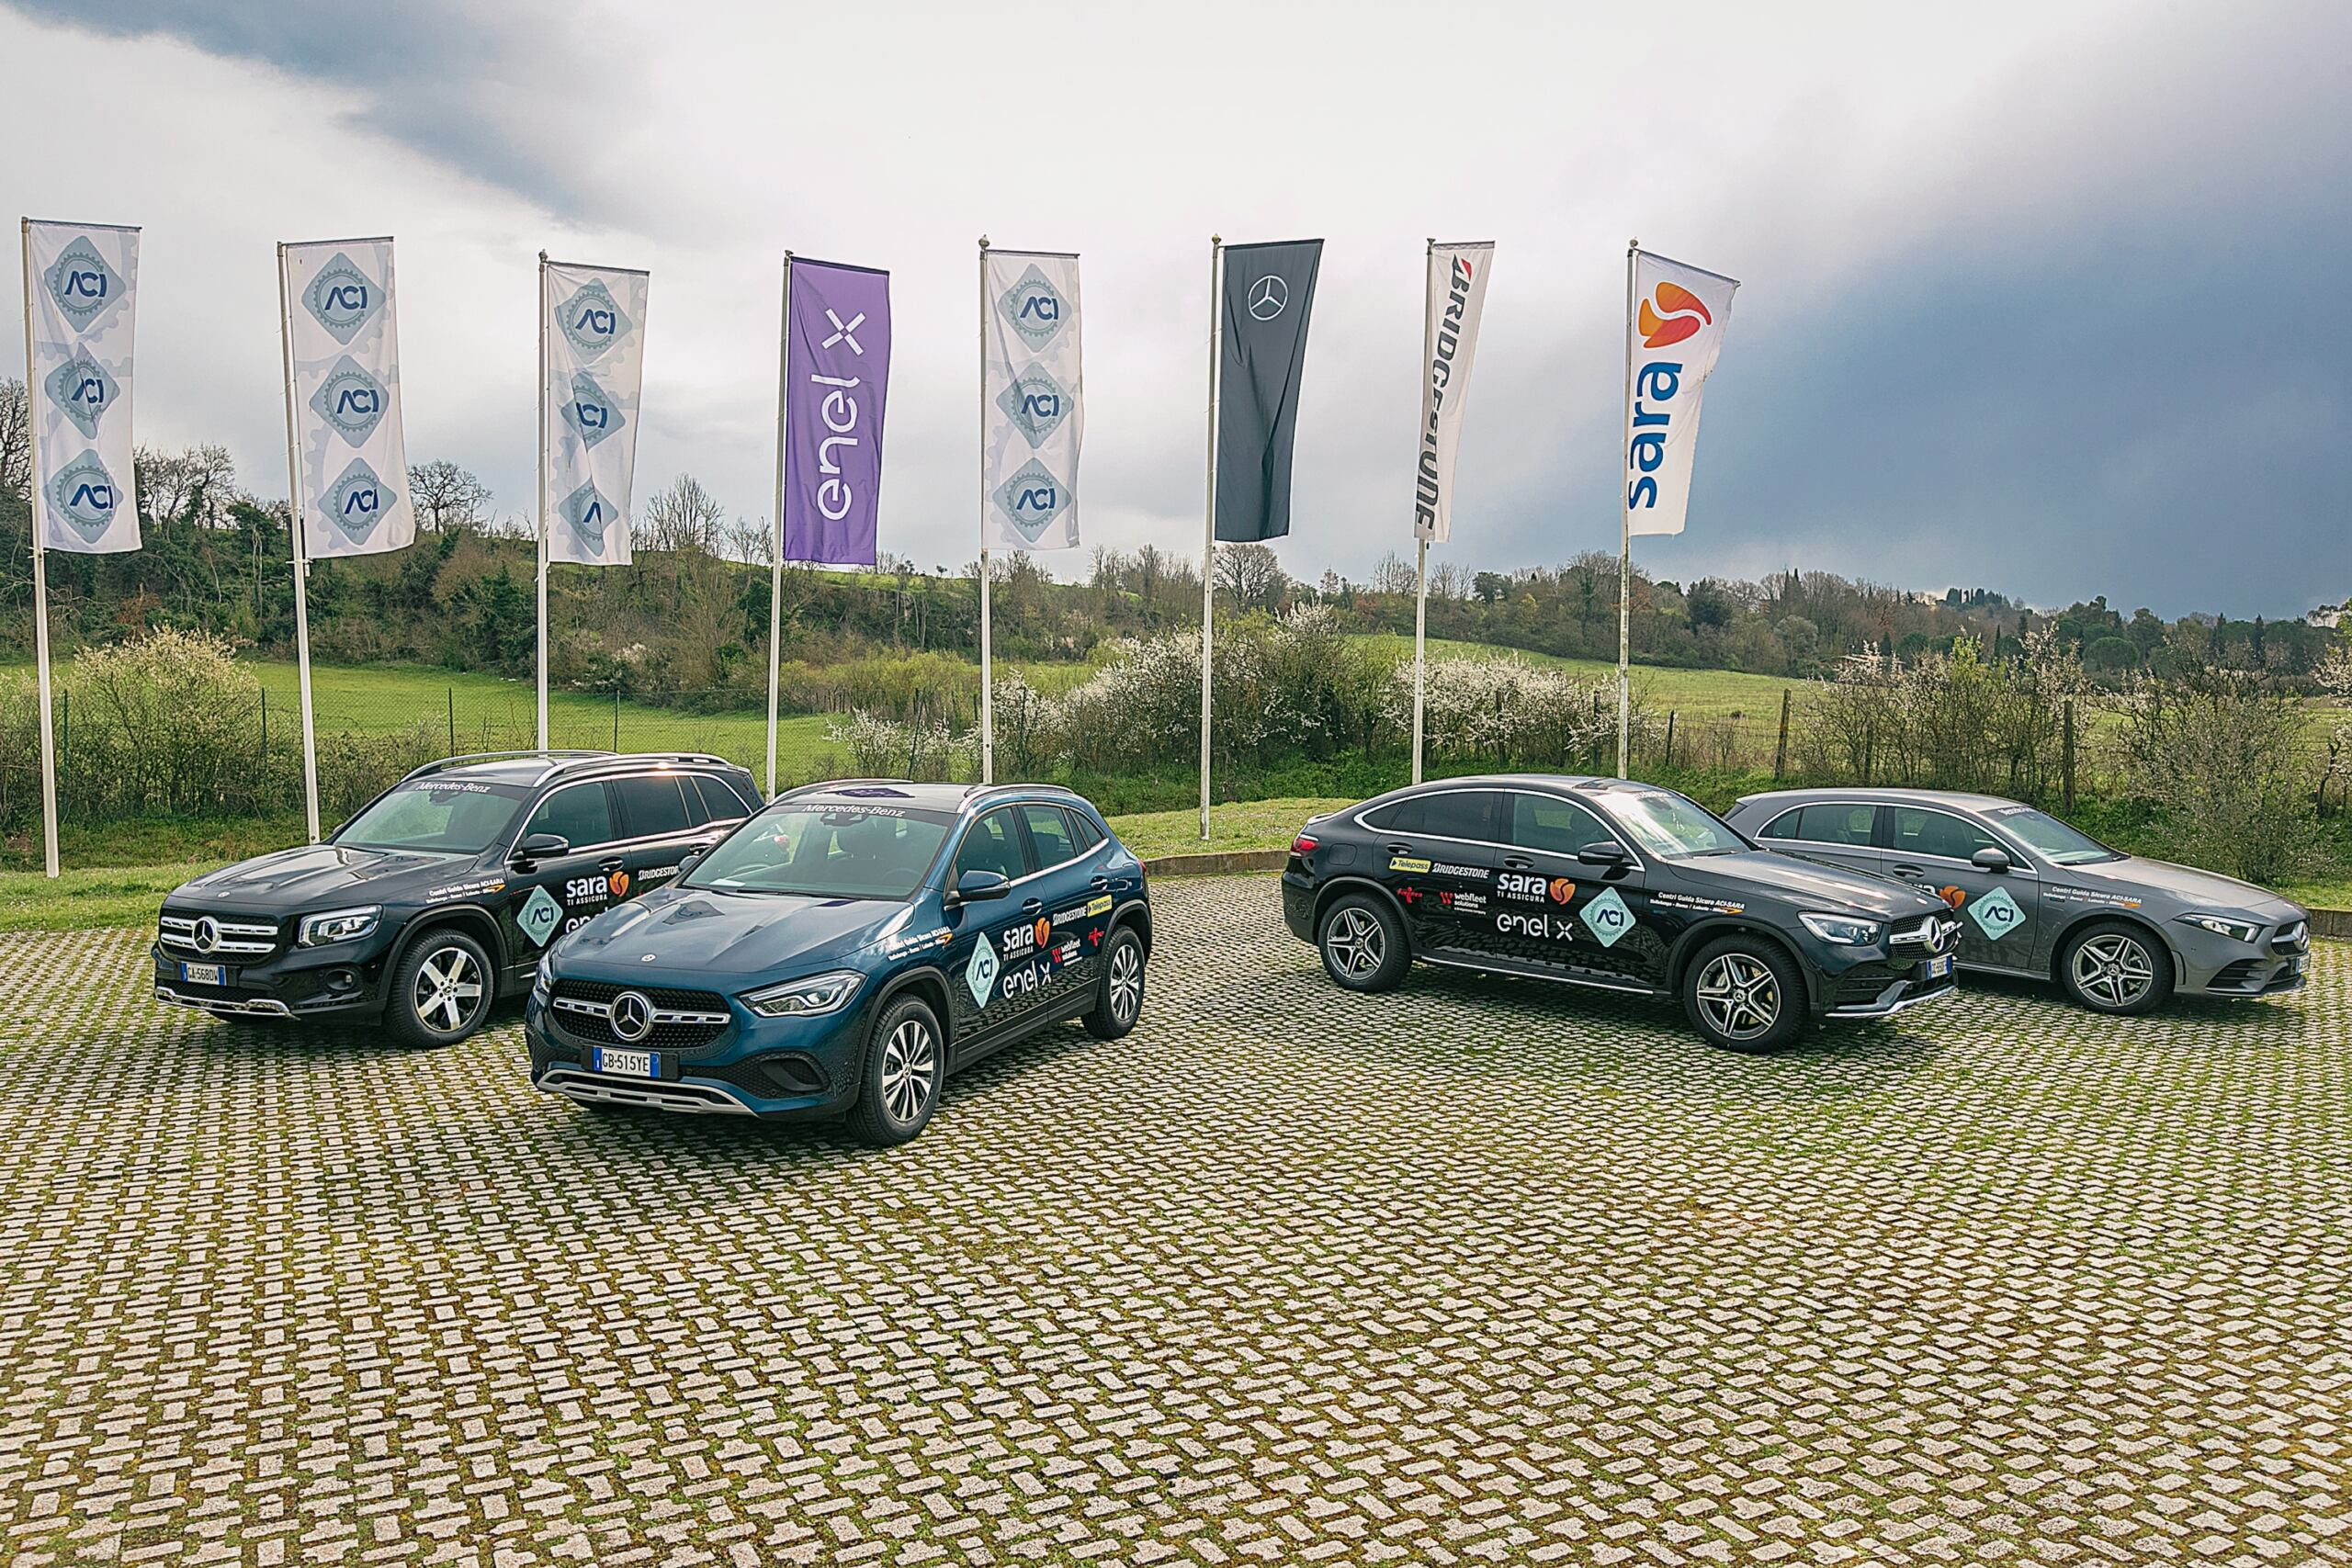 Mercedes Centri di Guida Sicura ACI